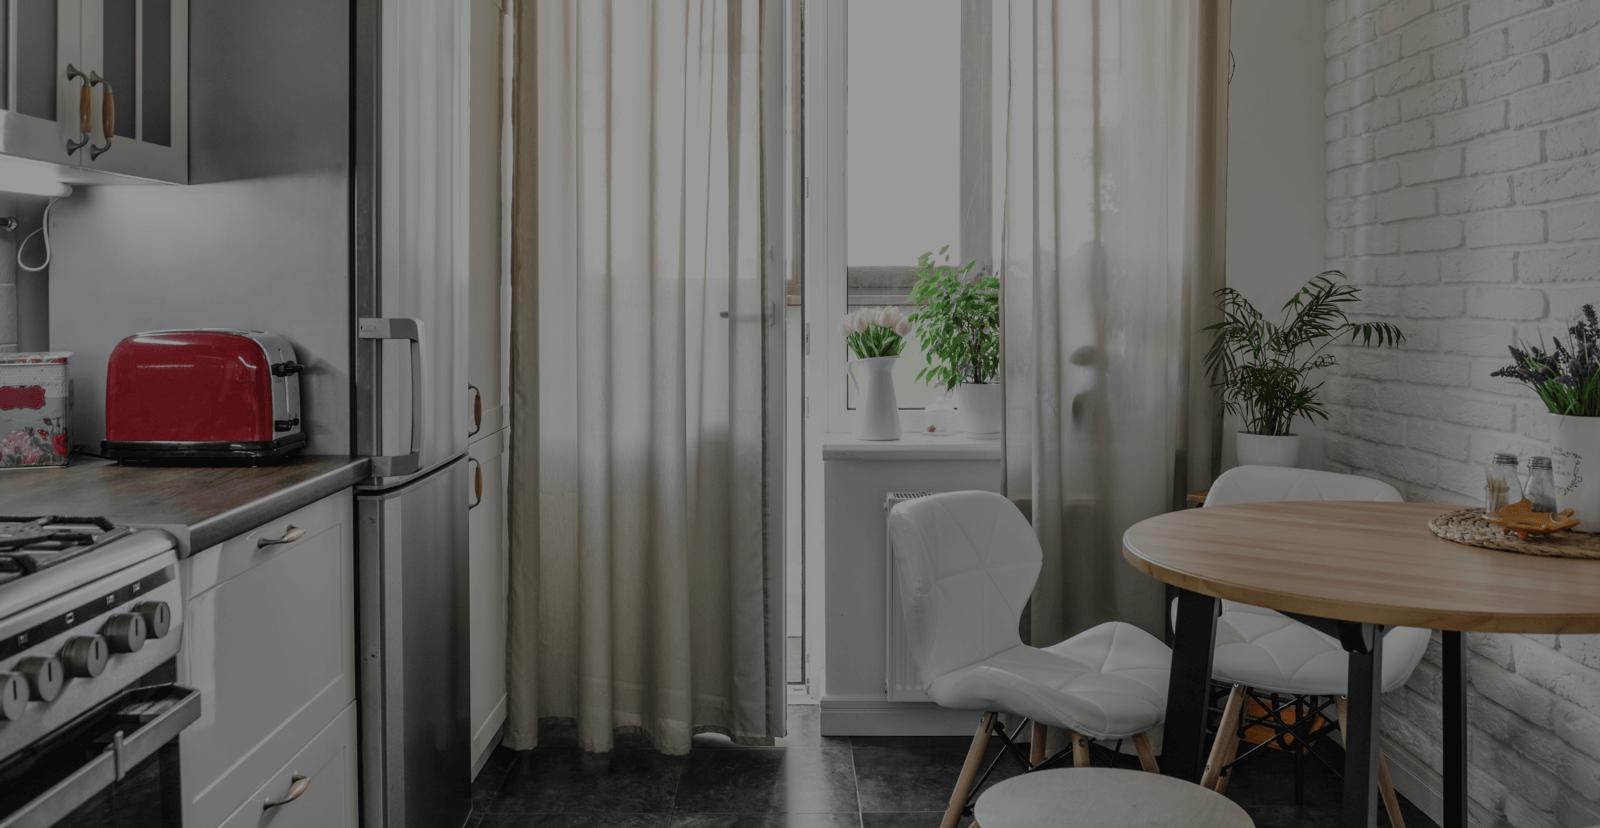 Через сервис JСat.ru вы можете размещать объявления о продаже квартиры на всех сайтах сразу!